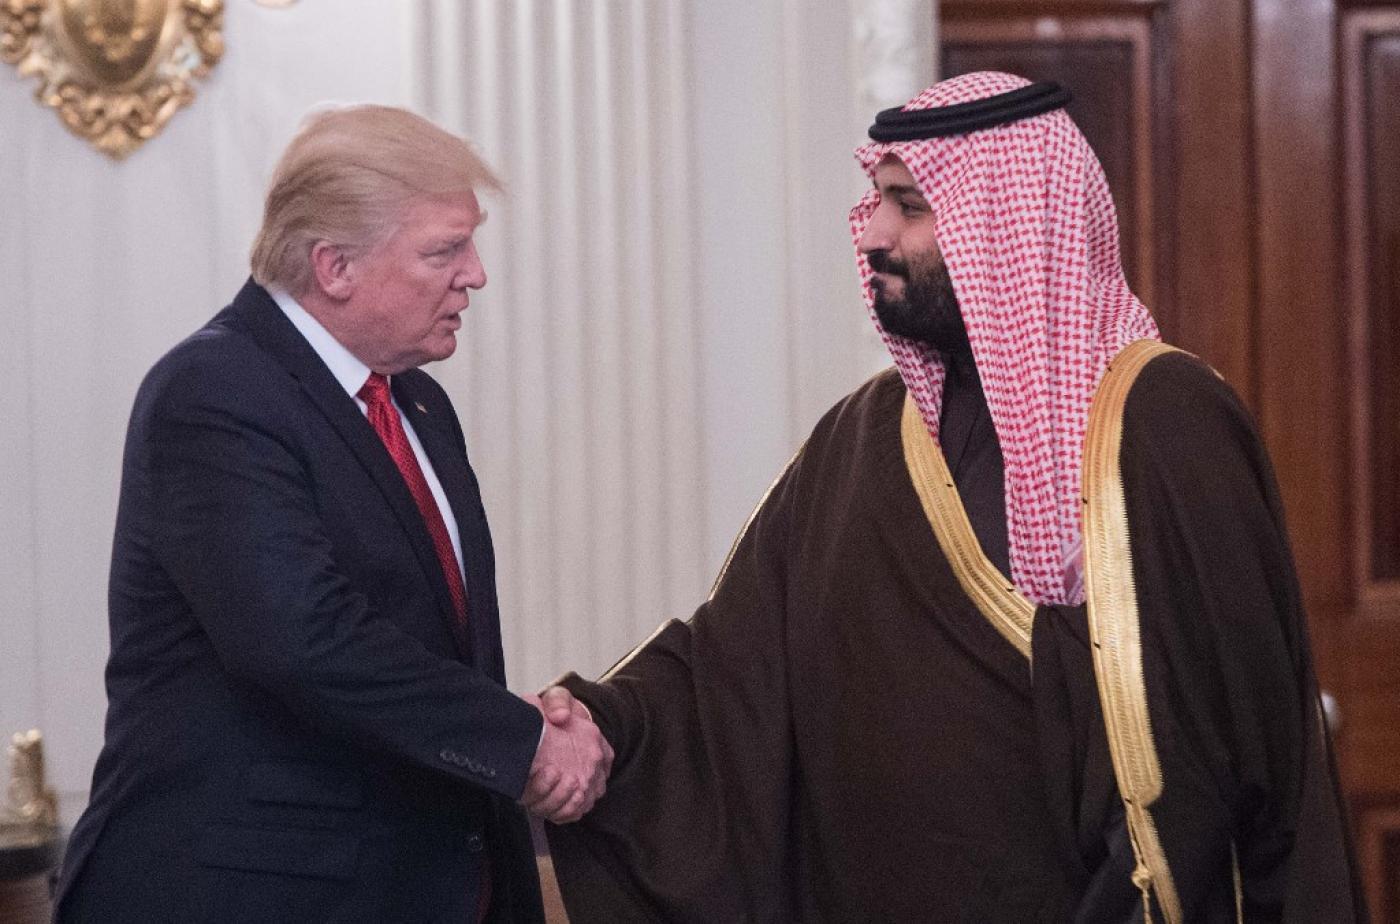 """لارتباطه بقتل خاشقجي .. شركة محاماة أمريكية كبيرة تنهي """"عقد الضغط"""" مع مركز سعودي"""